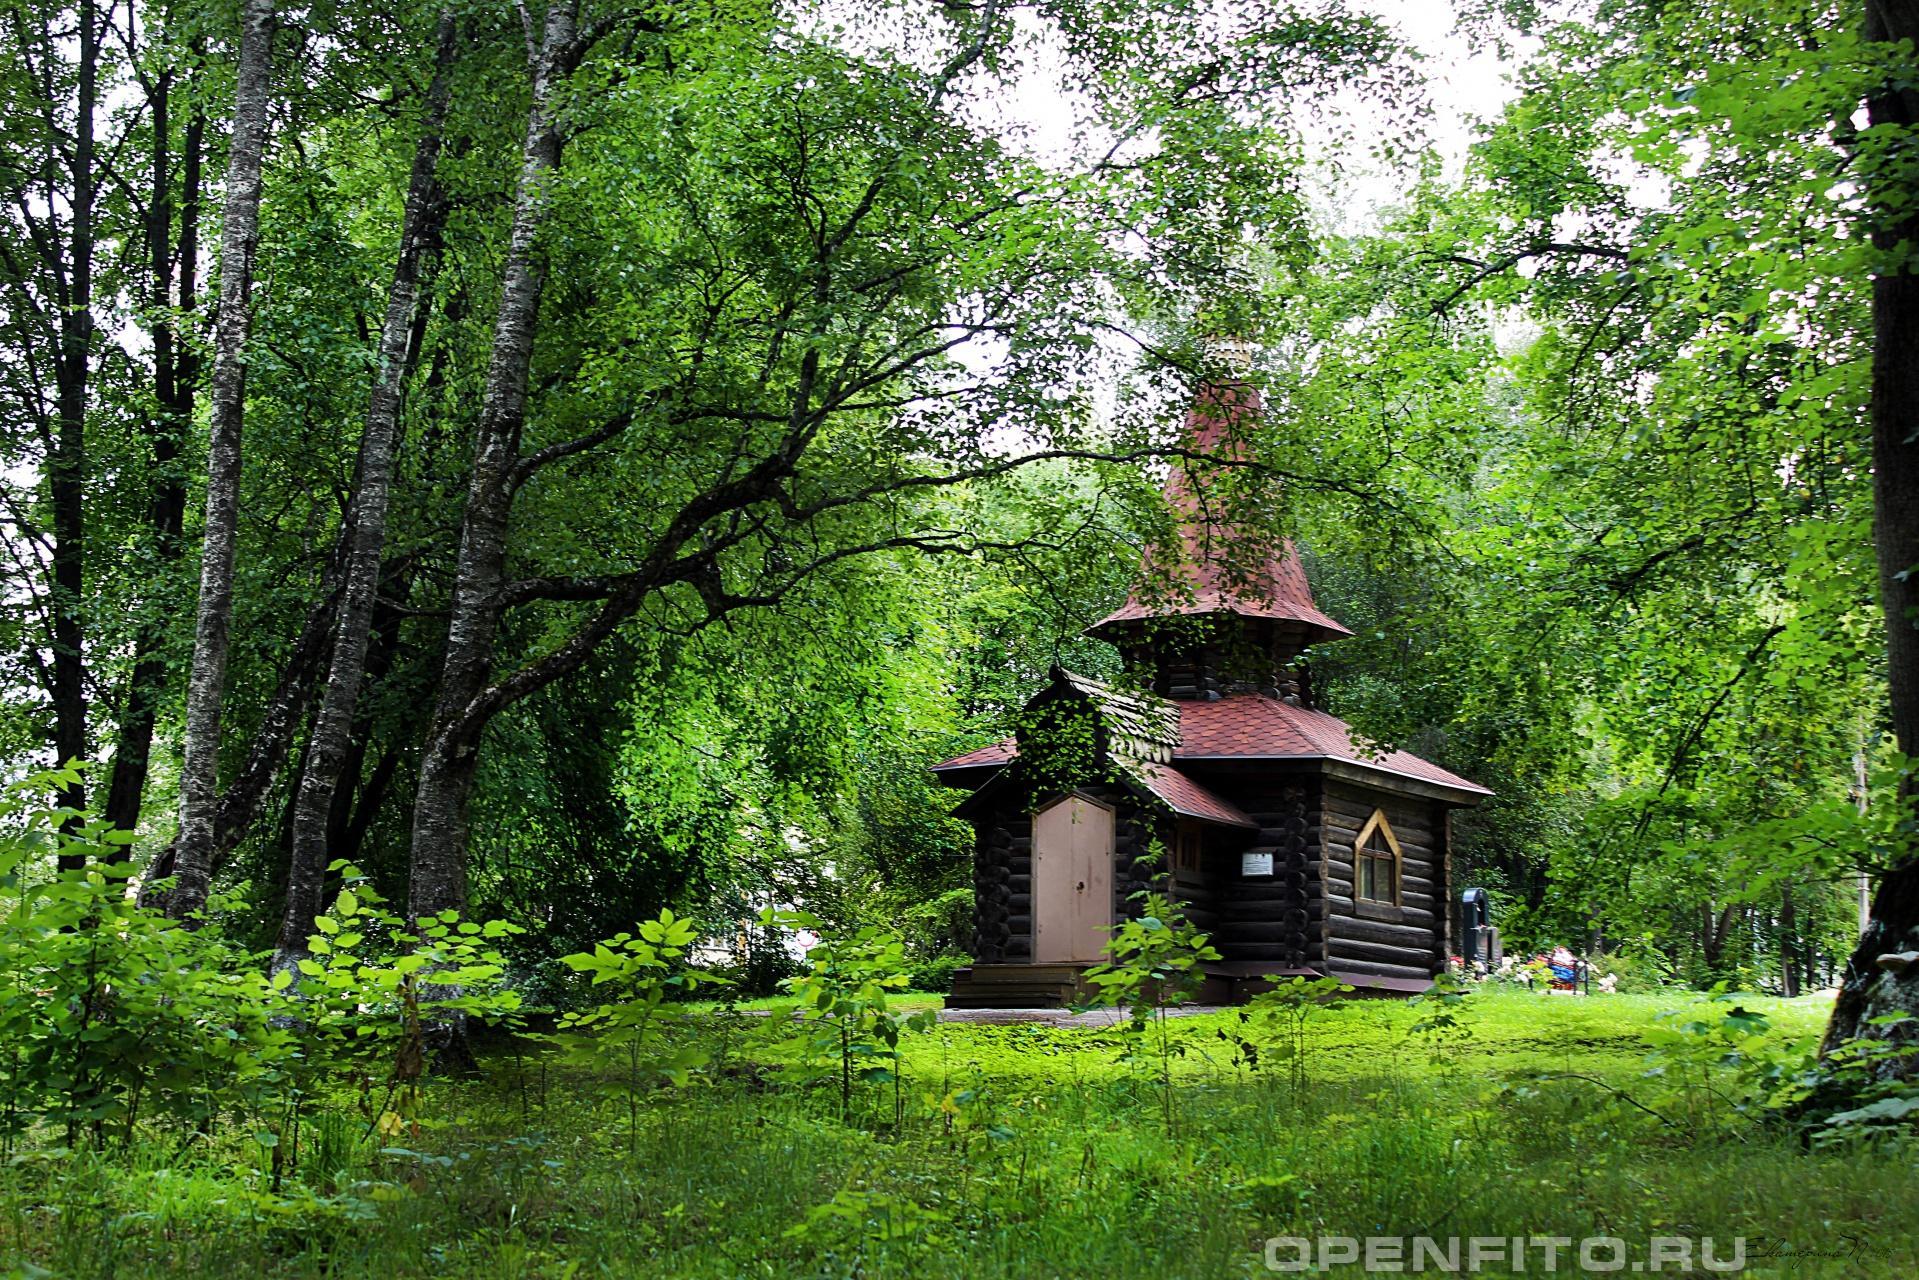 Деревянная церковь Деревянная памятная церковь. г.Данилов, Ярославская область.